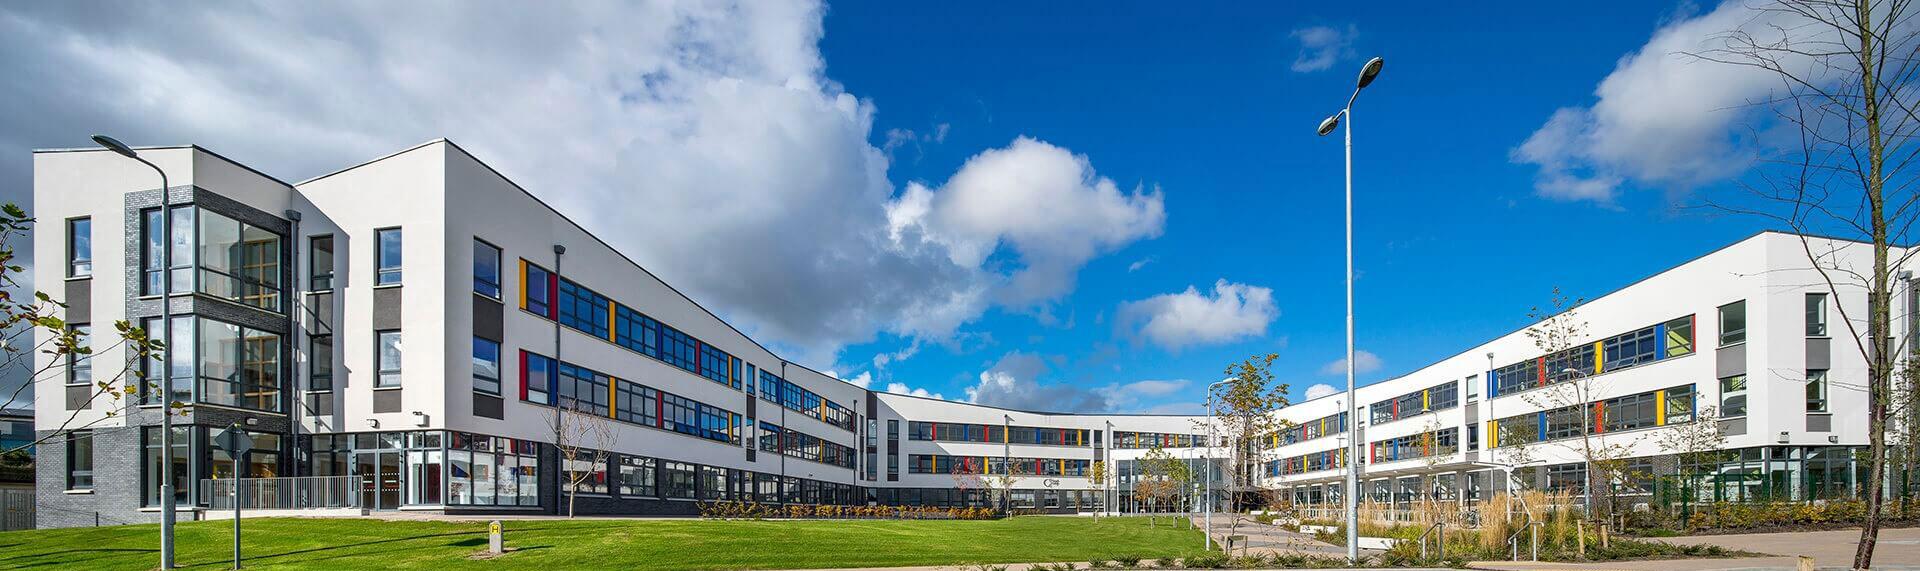 CJFA-Education-Architecture-Creagh-College-Gorey